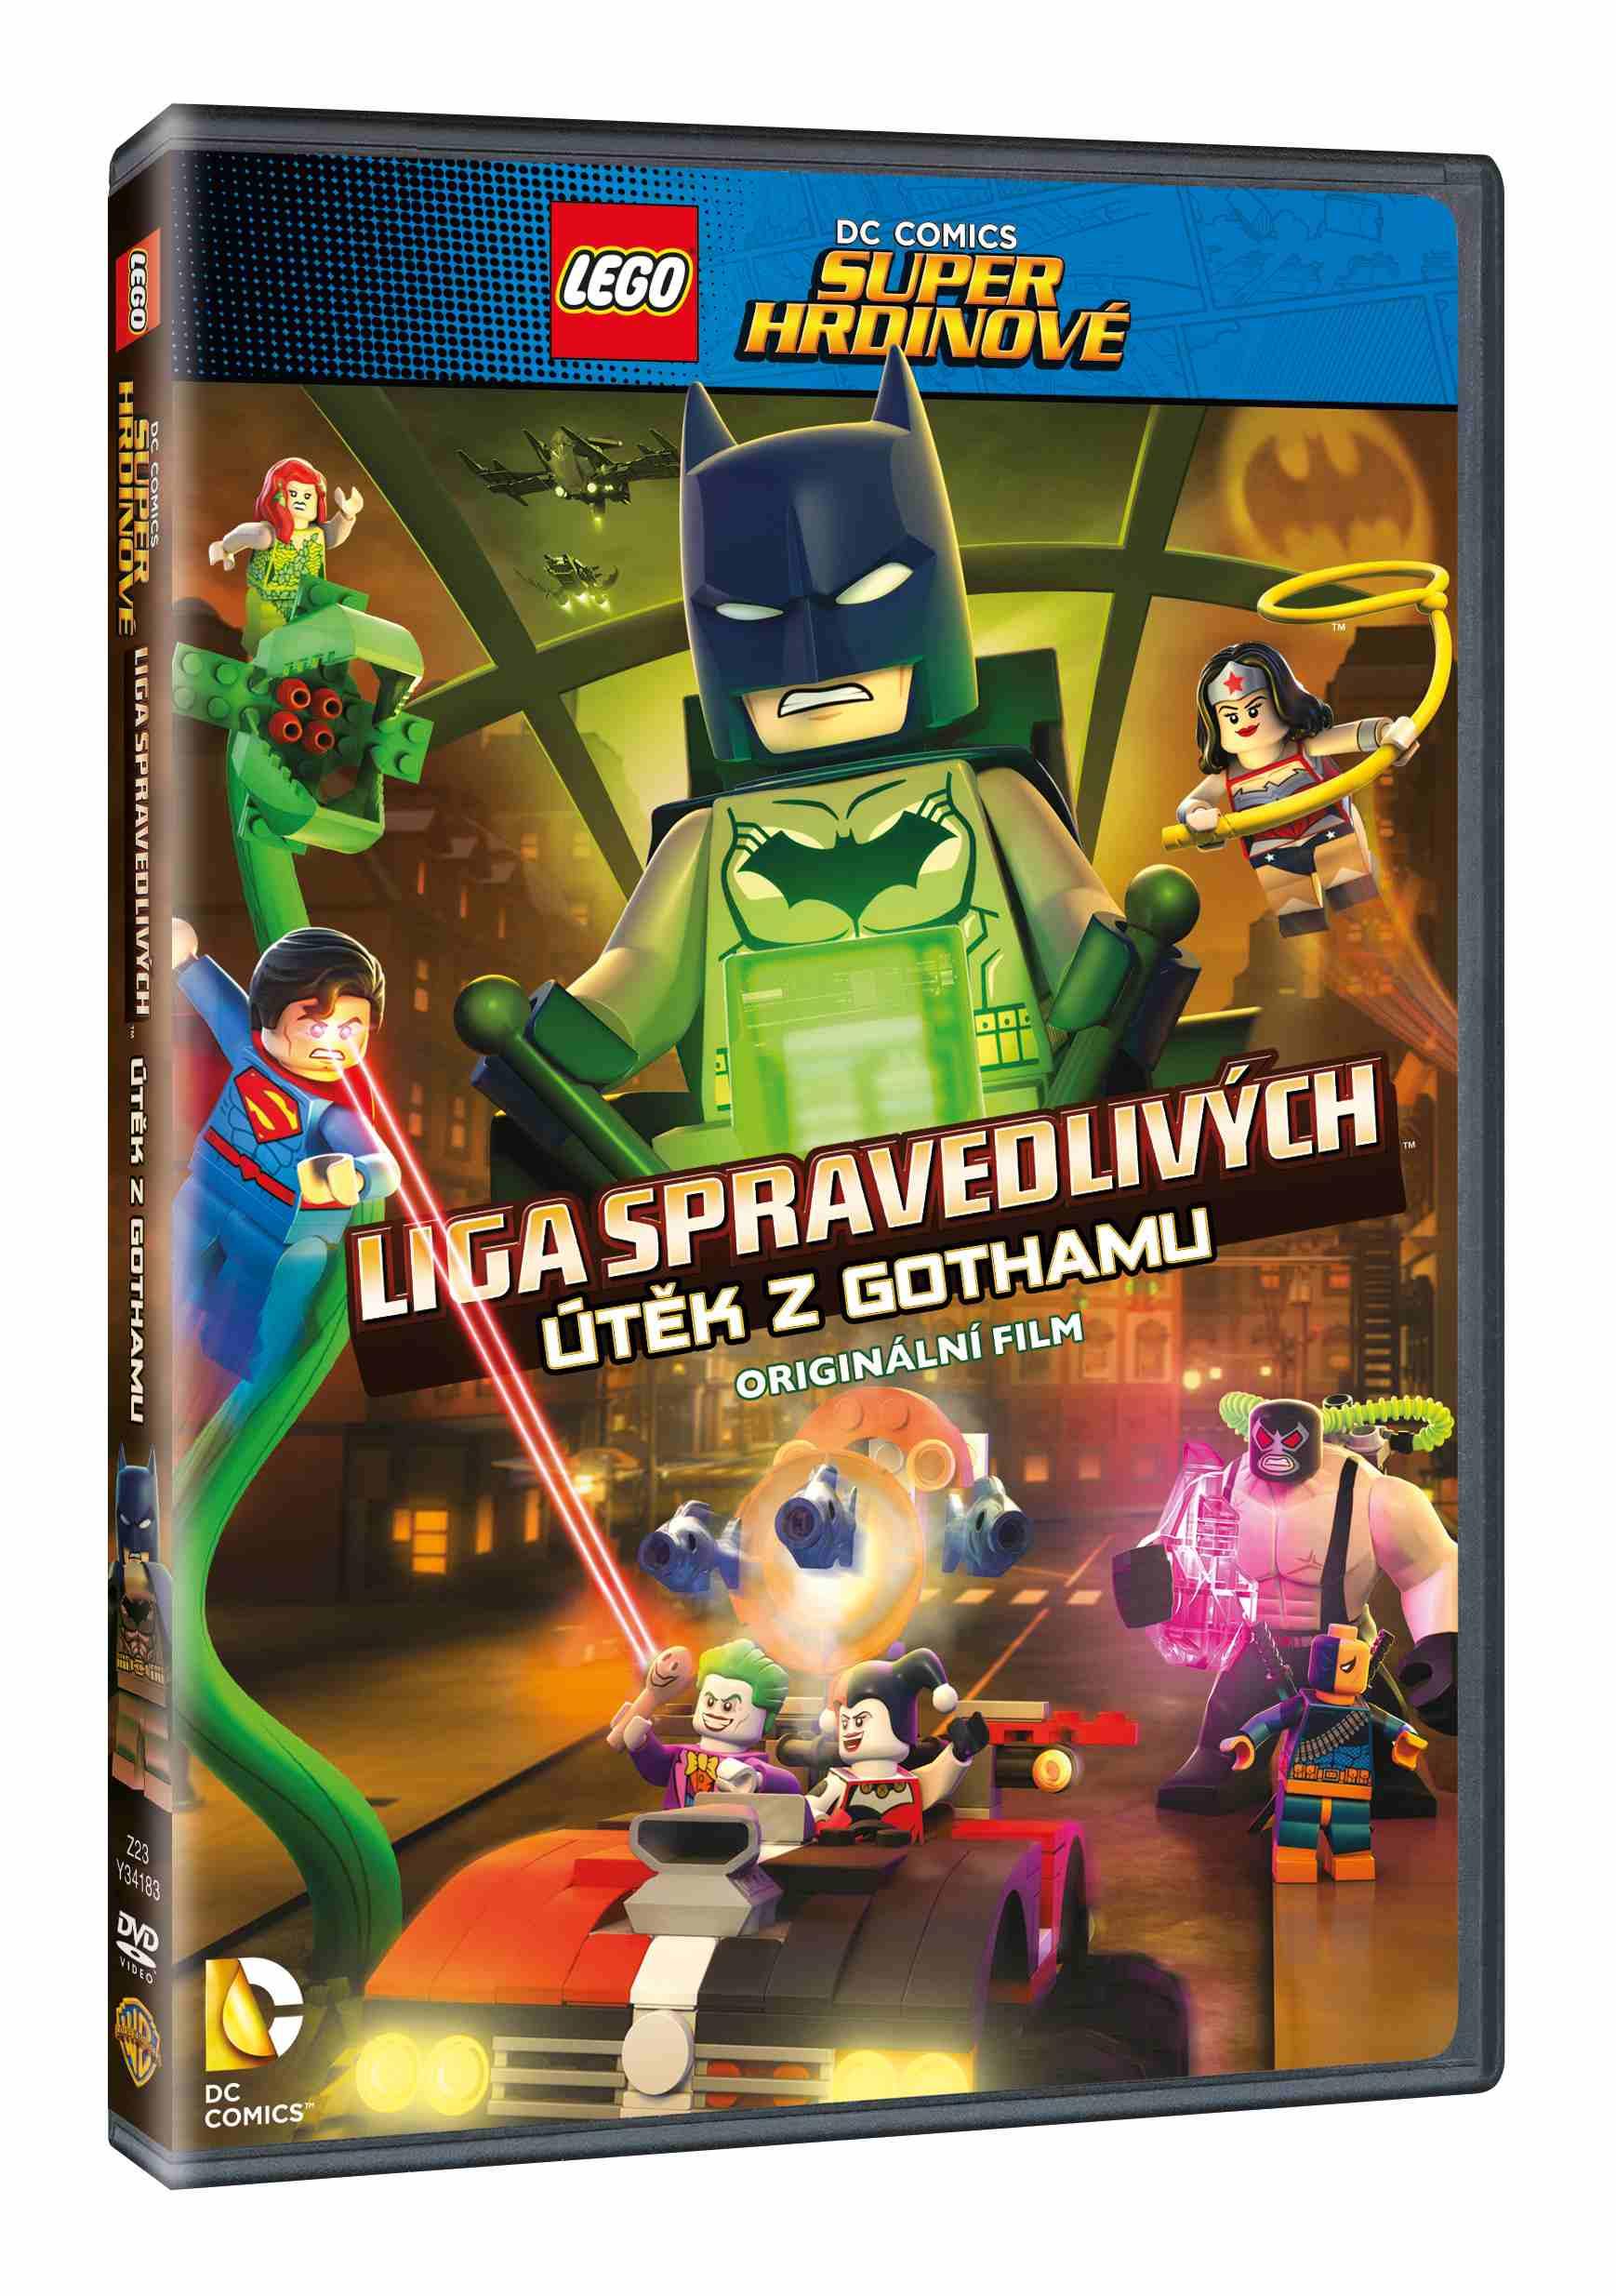 LEGO DC SUPER HRDINOVÉ: ÚTĚK Z GOTHAMU - DVD